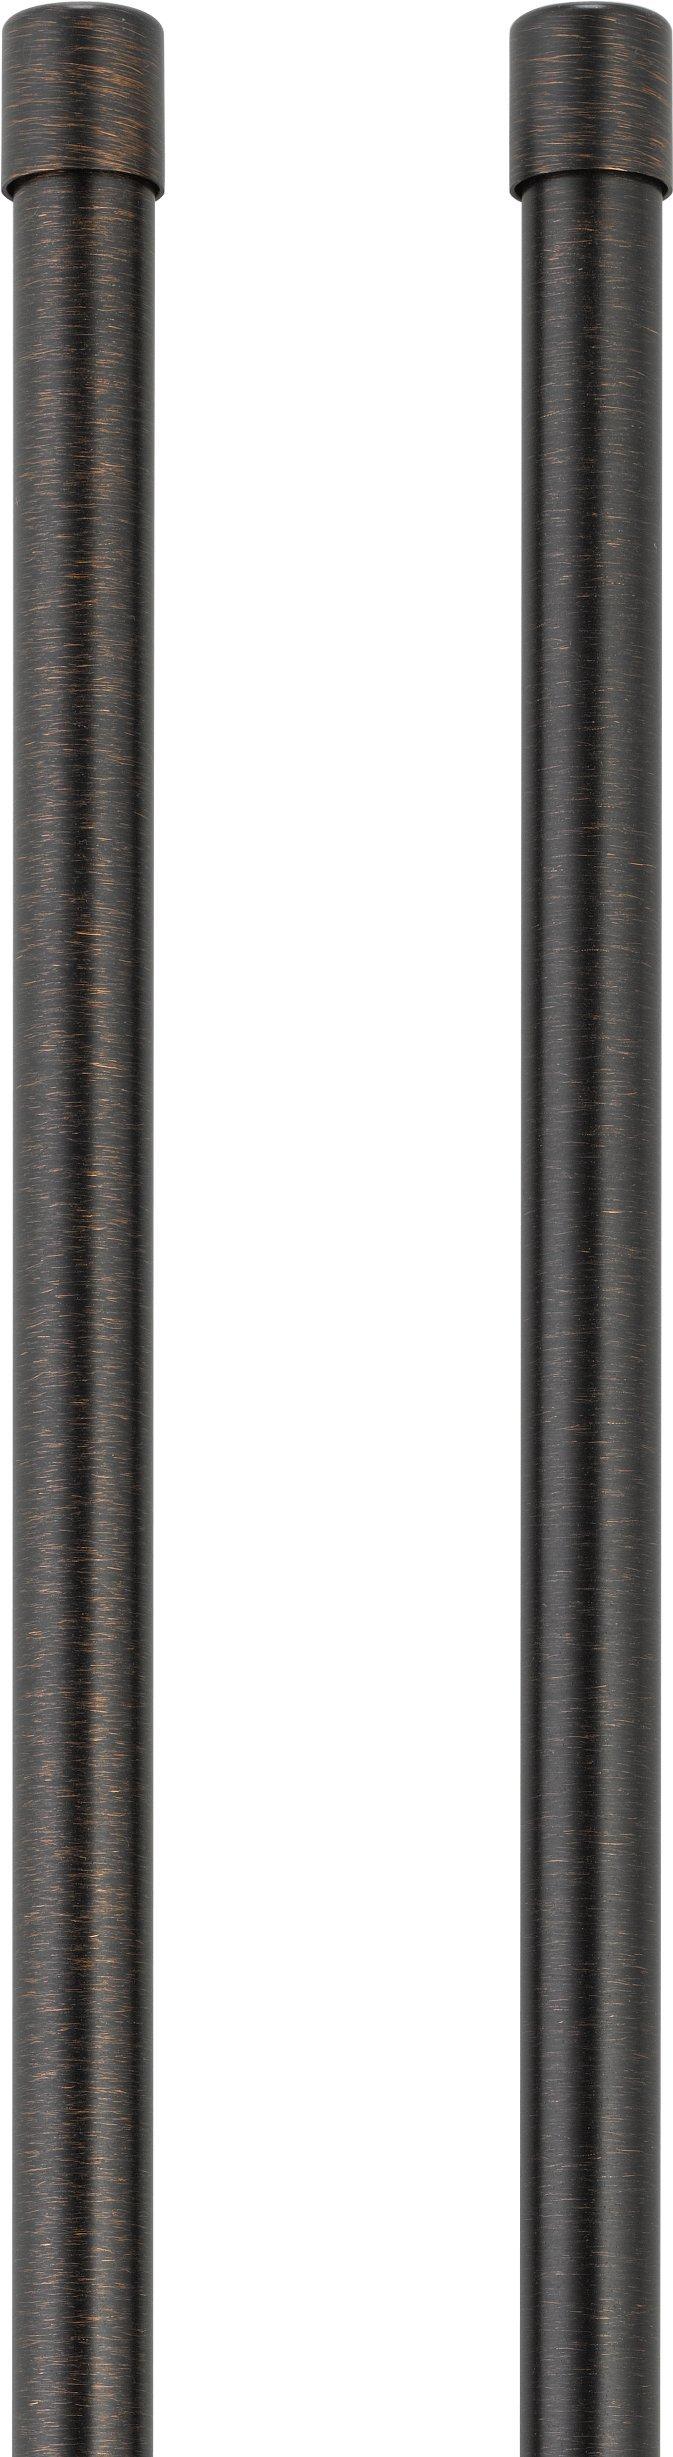 Delta Faucet RP72130RB Decorative InnoFlex Covers, Venetian Bronze by DELTA FAUCET